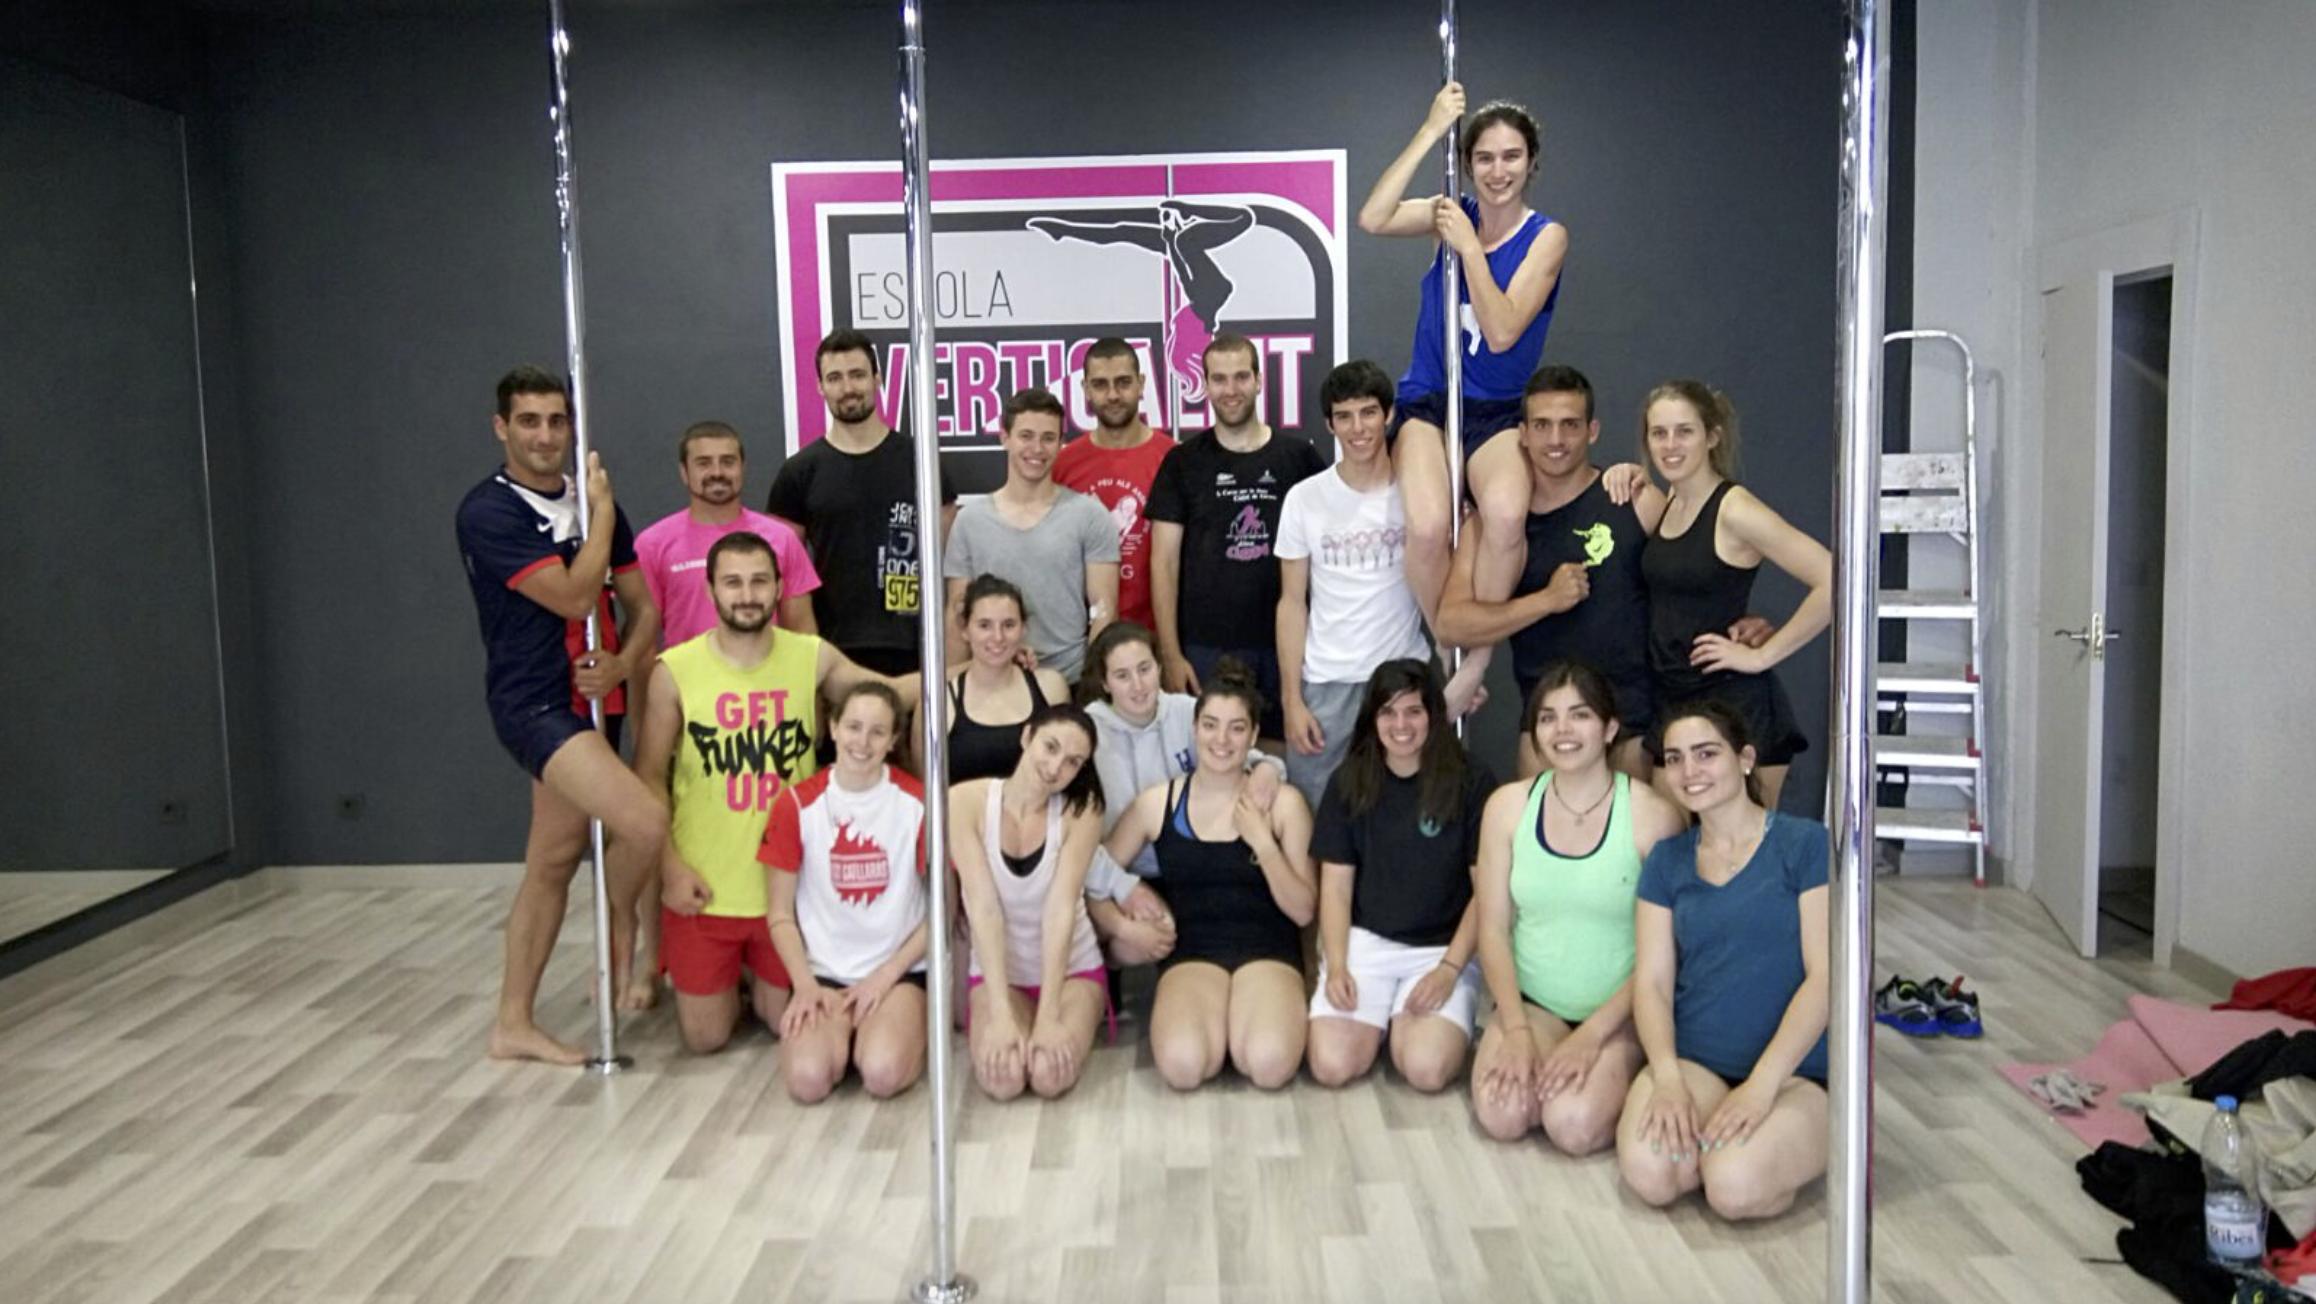 Els alumnes de 3r curs de CAFE d'EUSES visiten l'Escola Verticalfit de Salt i s'endinsen en la disciplina del pole fitness